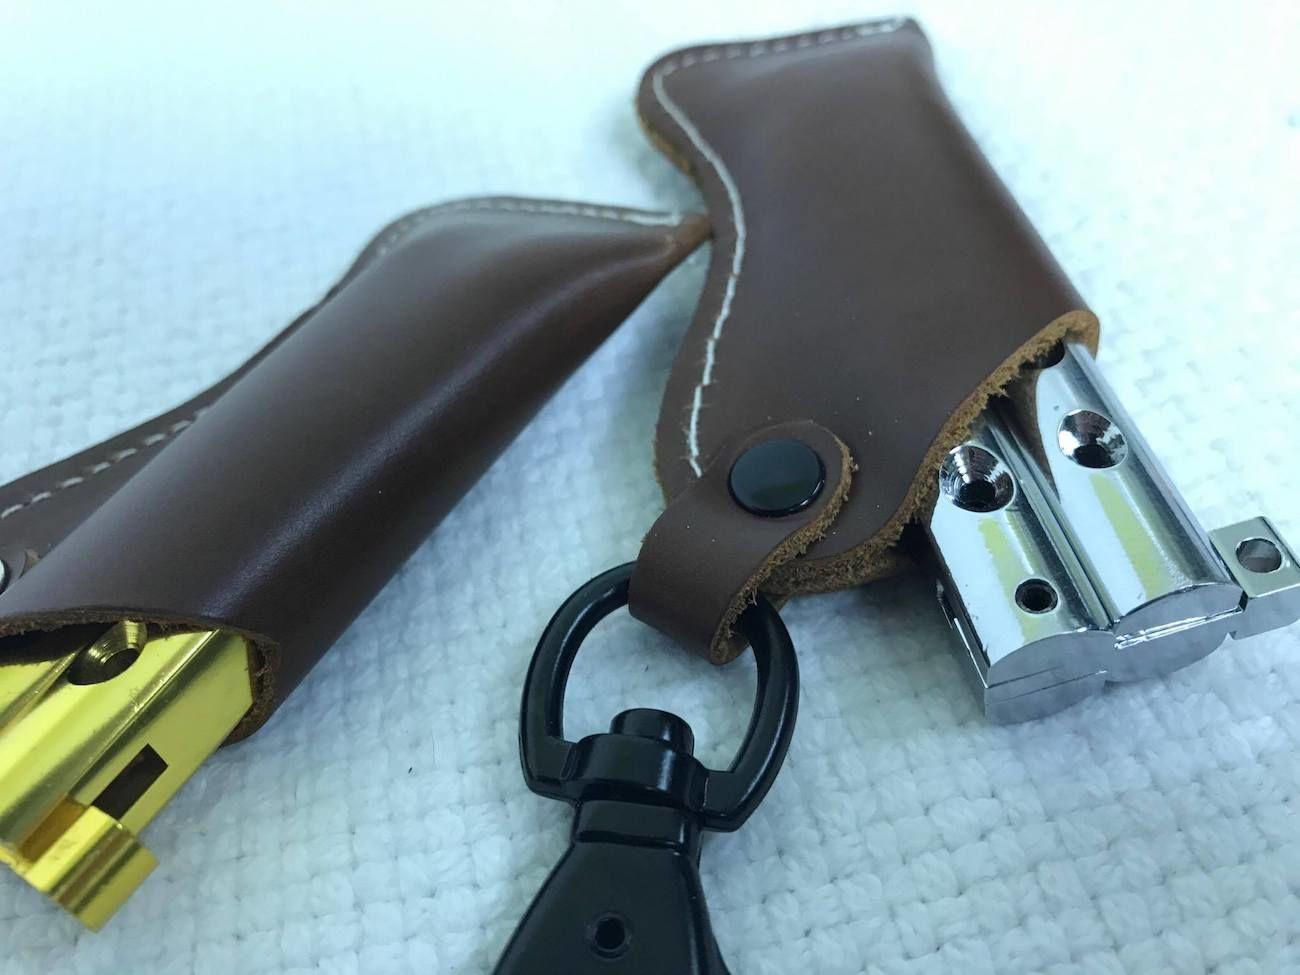 Butterfly Key EDC Butterfly Knife Style Keychain